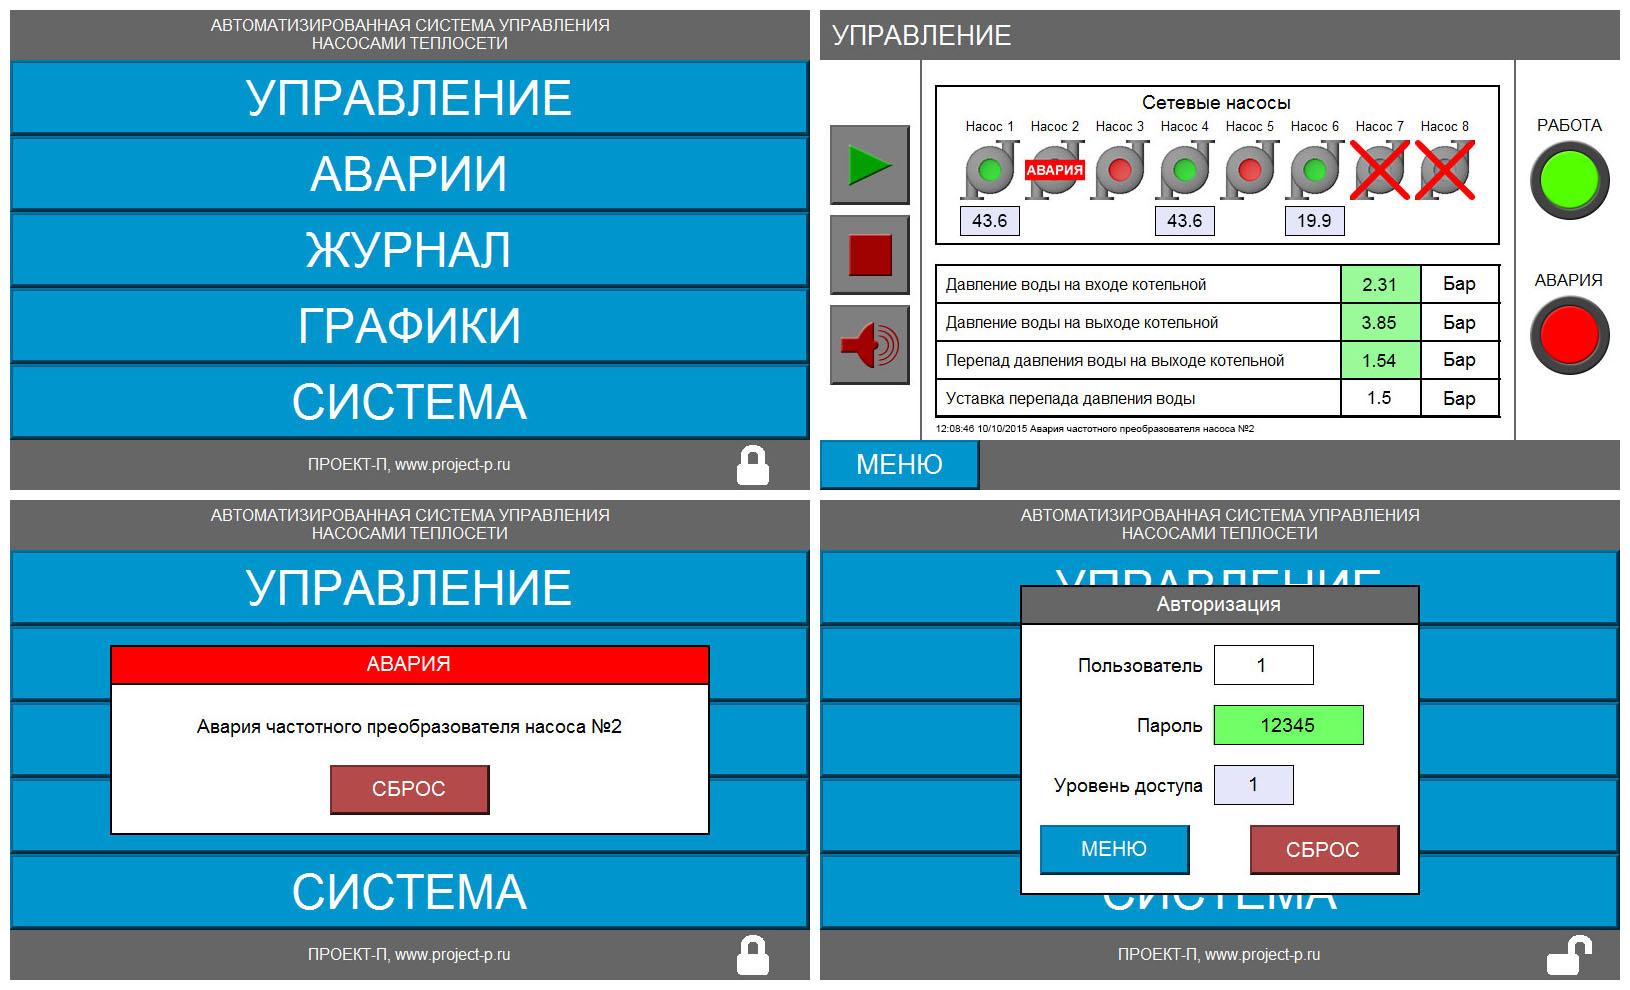 Автоматизированная система управления сетевыми насосами - экраны панели оператора 1